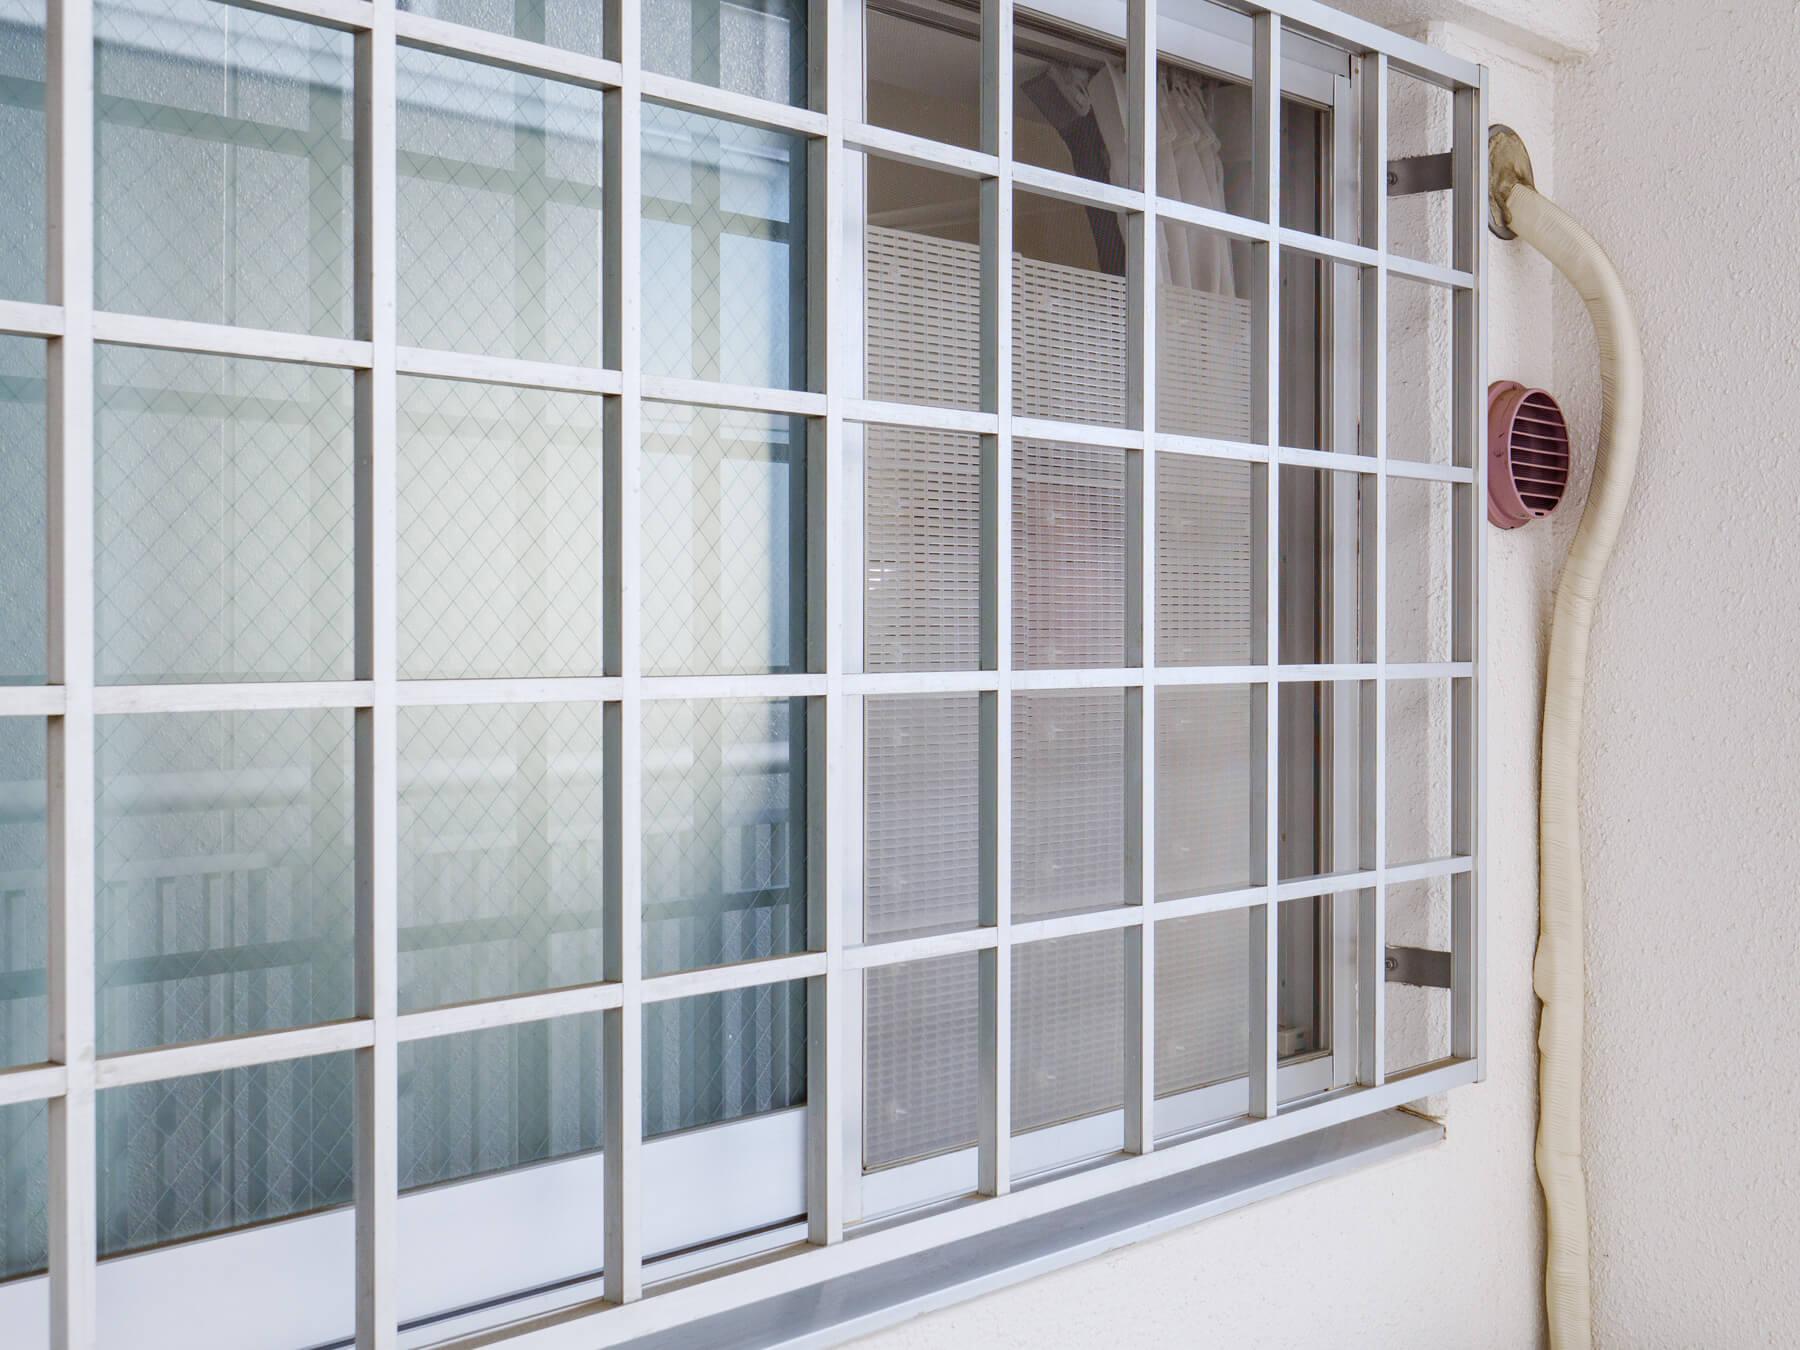 エアリールーバーを取り付けた窓から人が覗いている